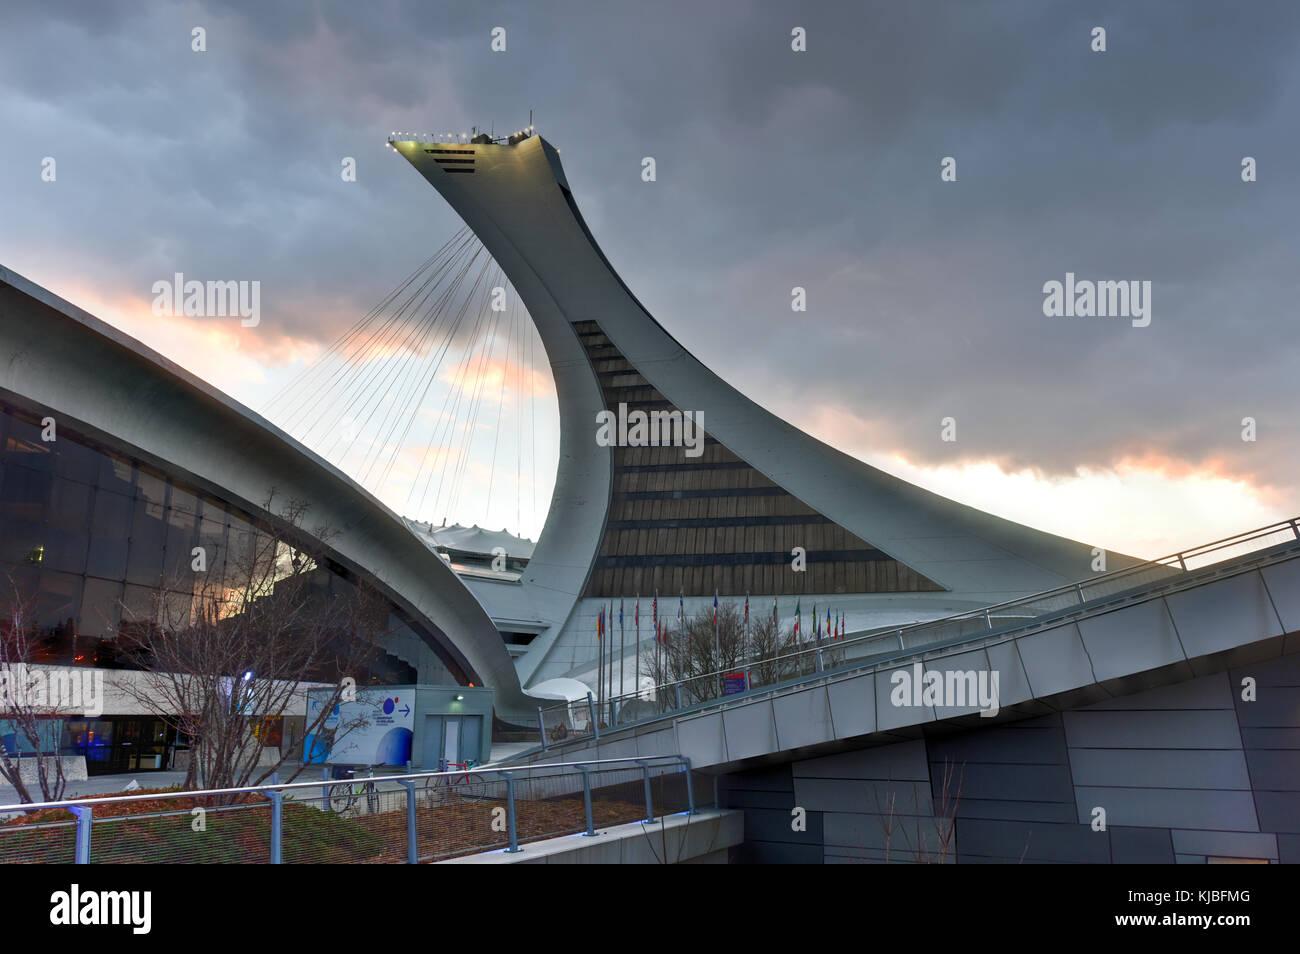 Il Montreal Olympic Stadium e Torre al tramonto. è il più alto della torre inclinata nel mondo.tour olympique Immagini Stock